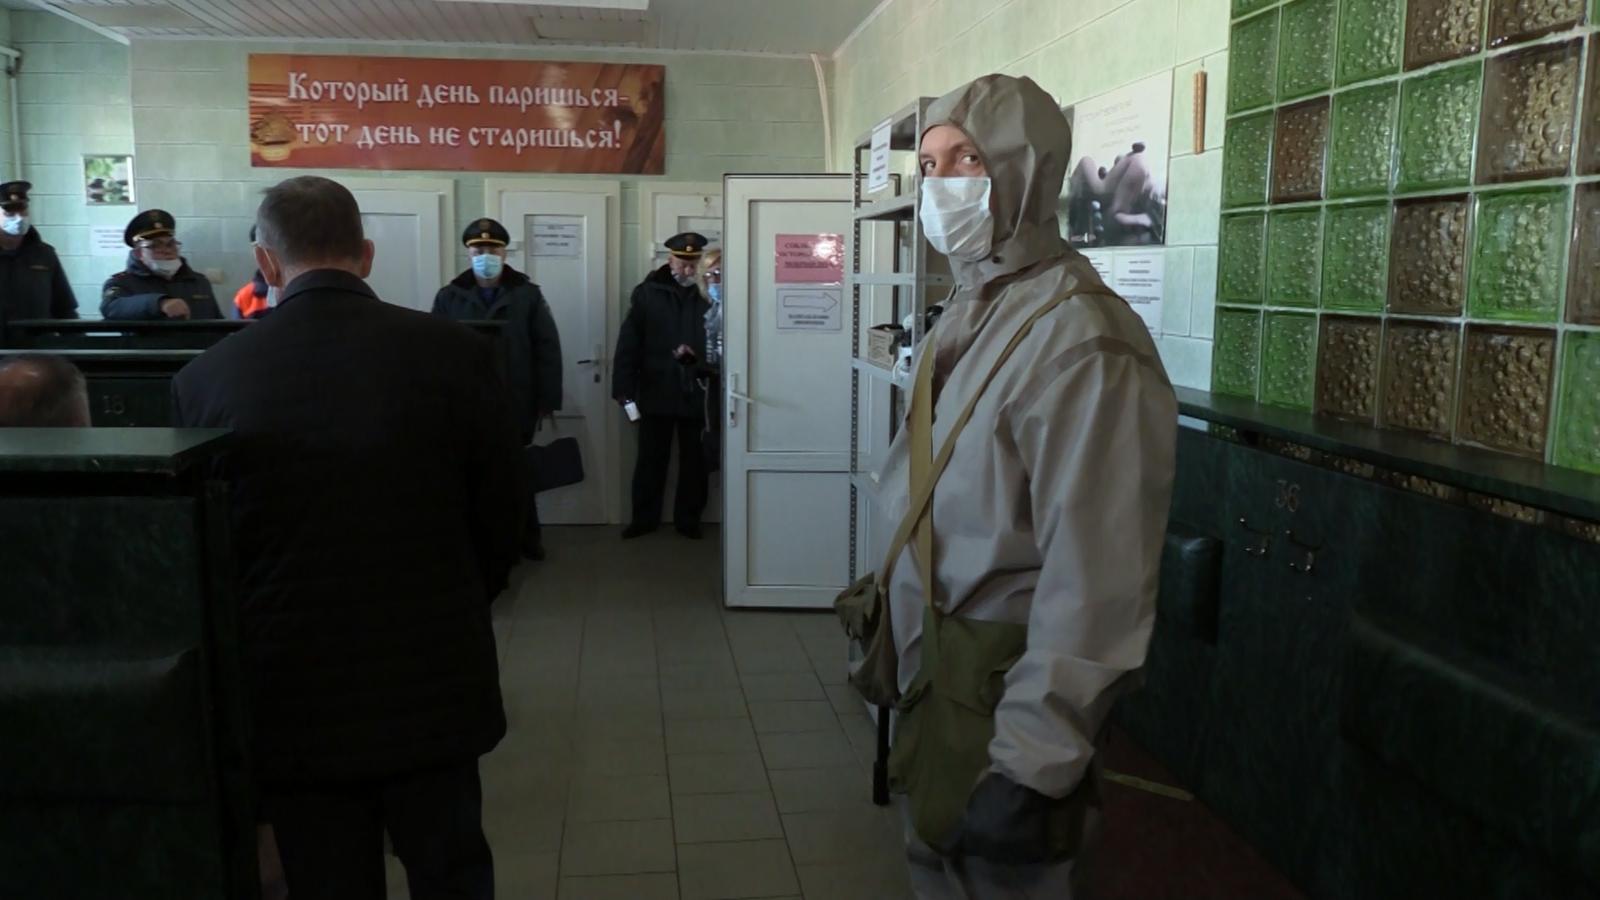 Учения по безопасности при чрезвычайной ситуации провели в Электростали | Изображение 2